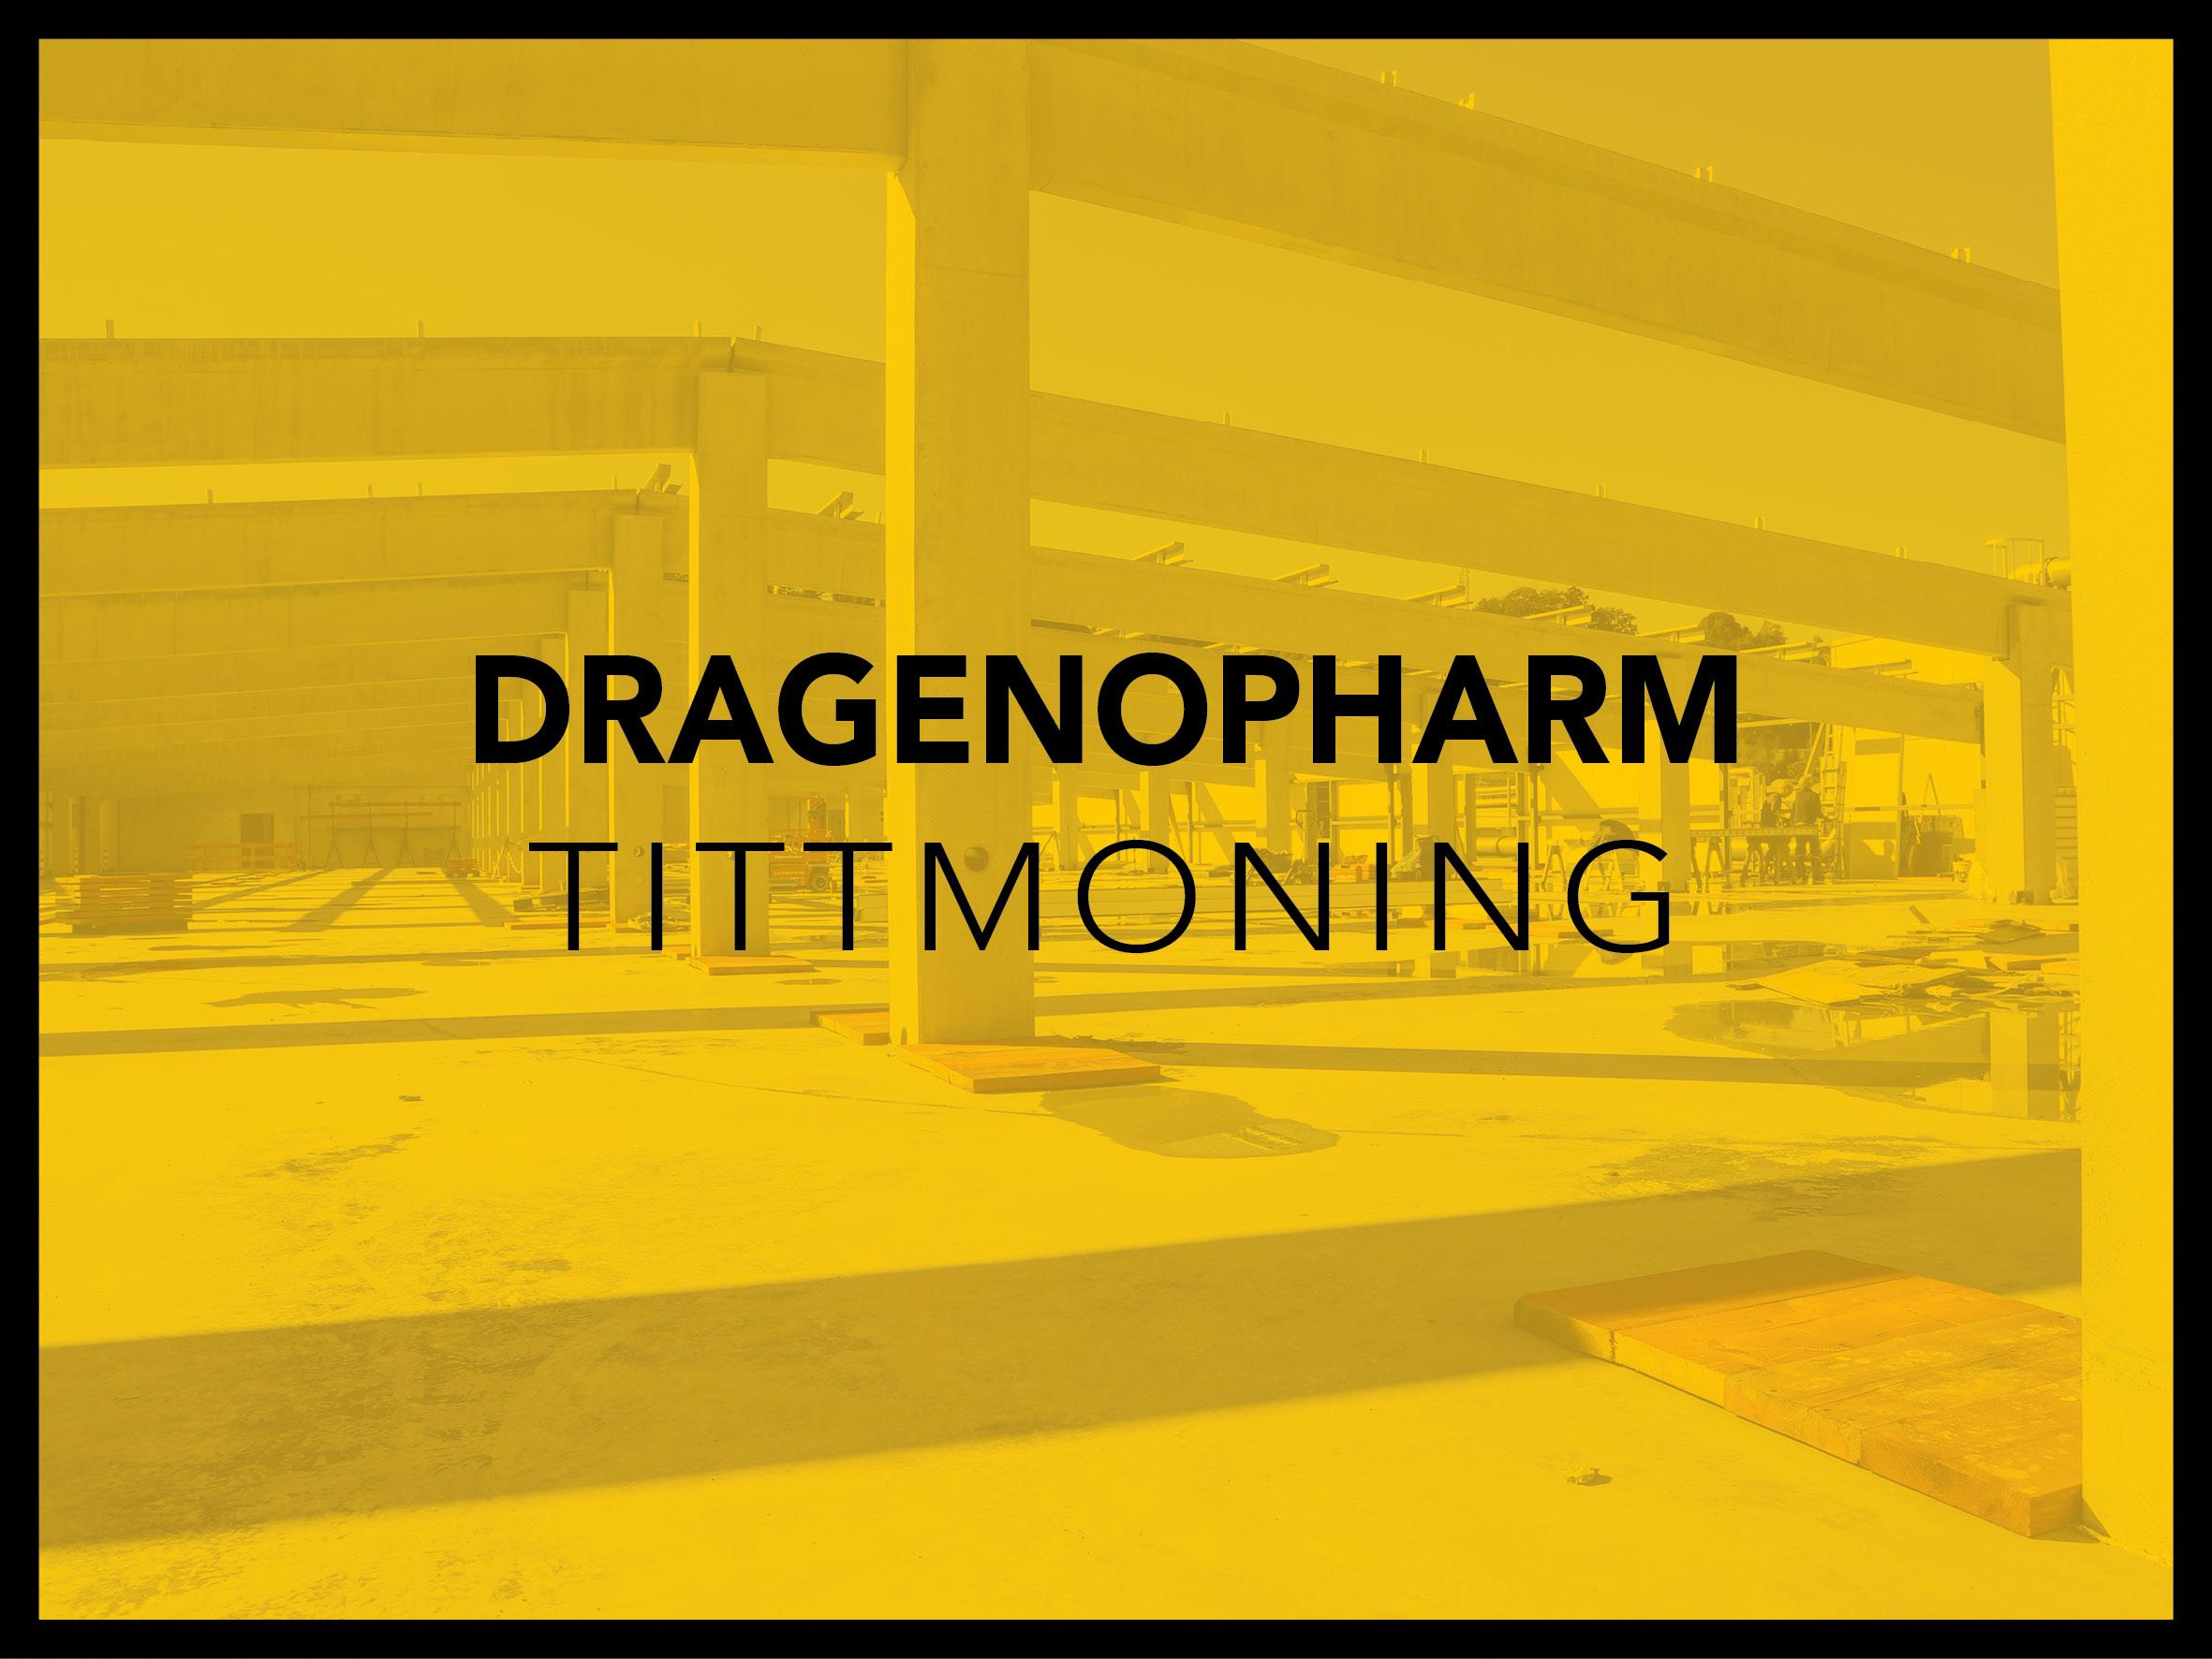 Dragenopharm